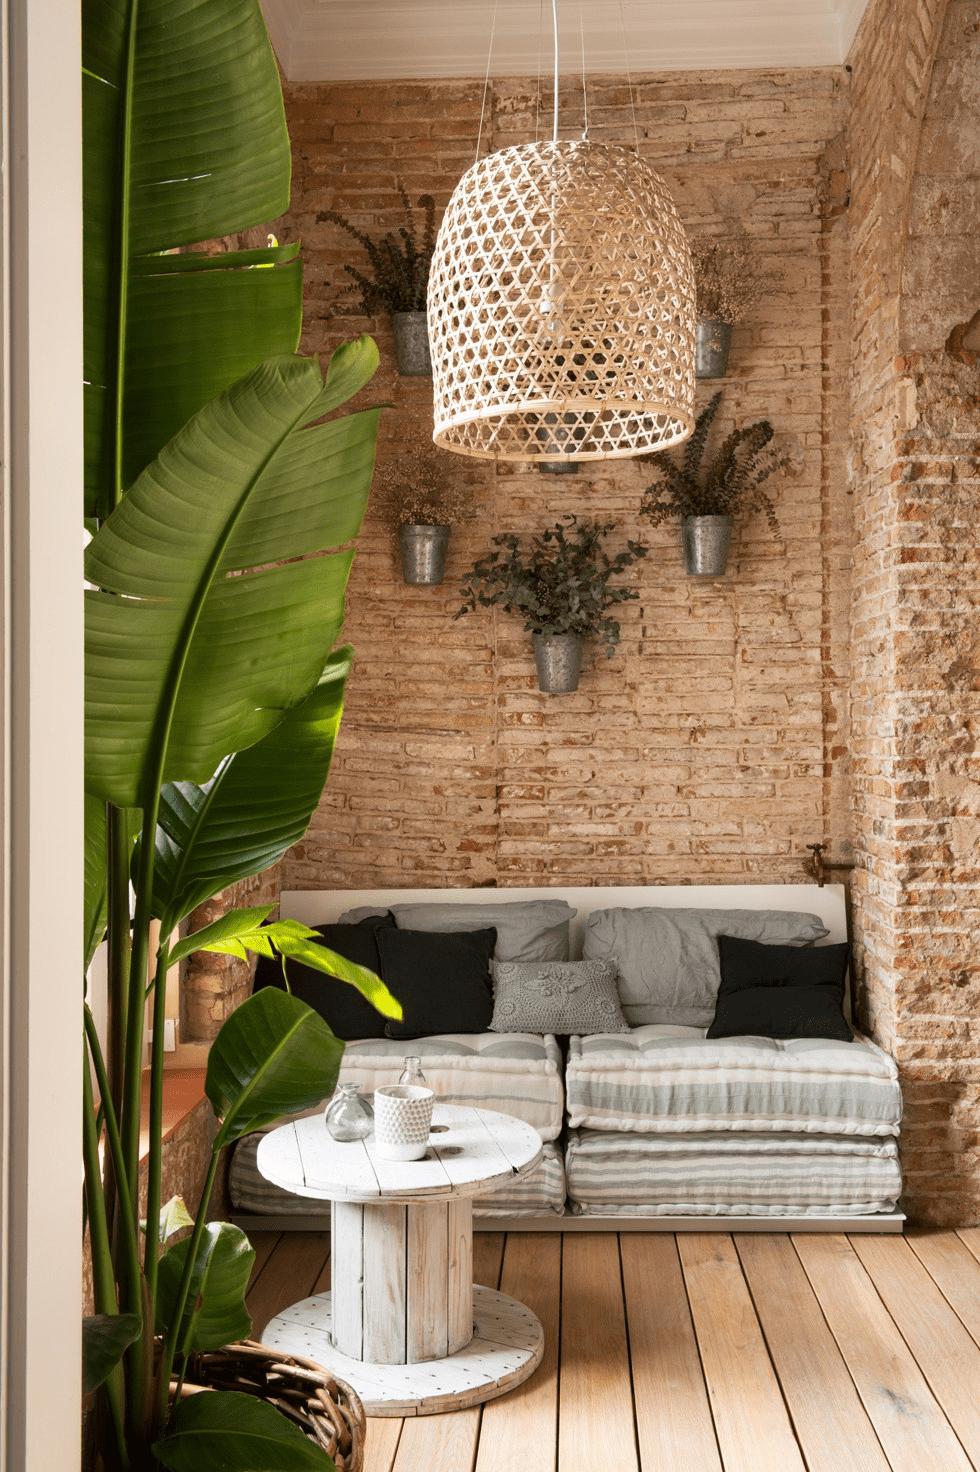 Las_claves_del_estilo_eco_chic_decoinspiración_decolook_jardín_interior_fibras_naturales_plantas_lino